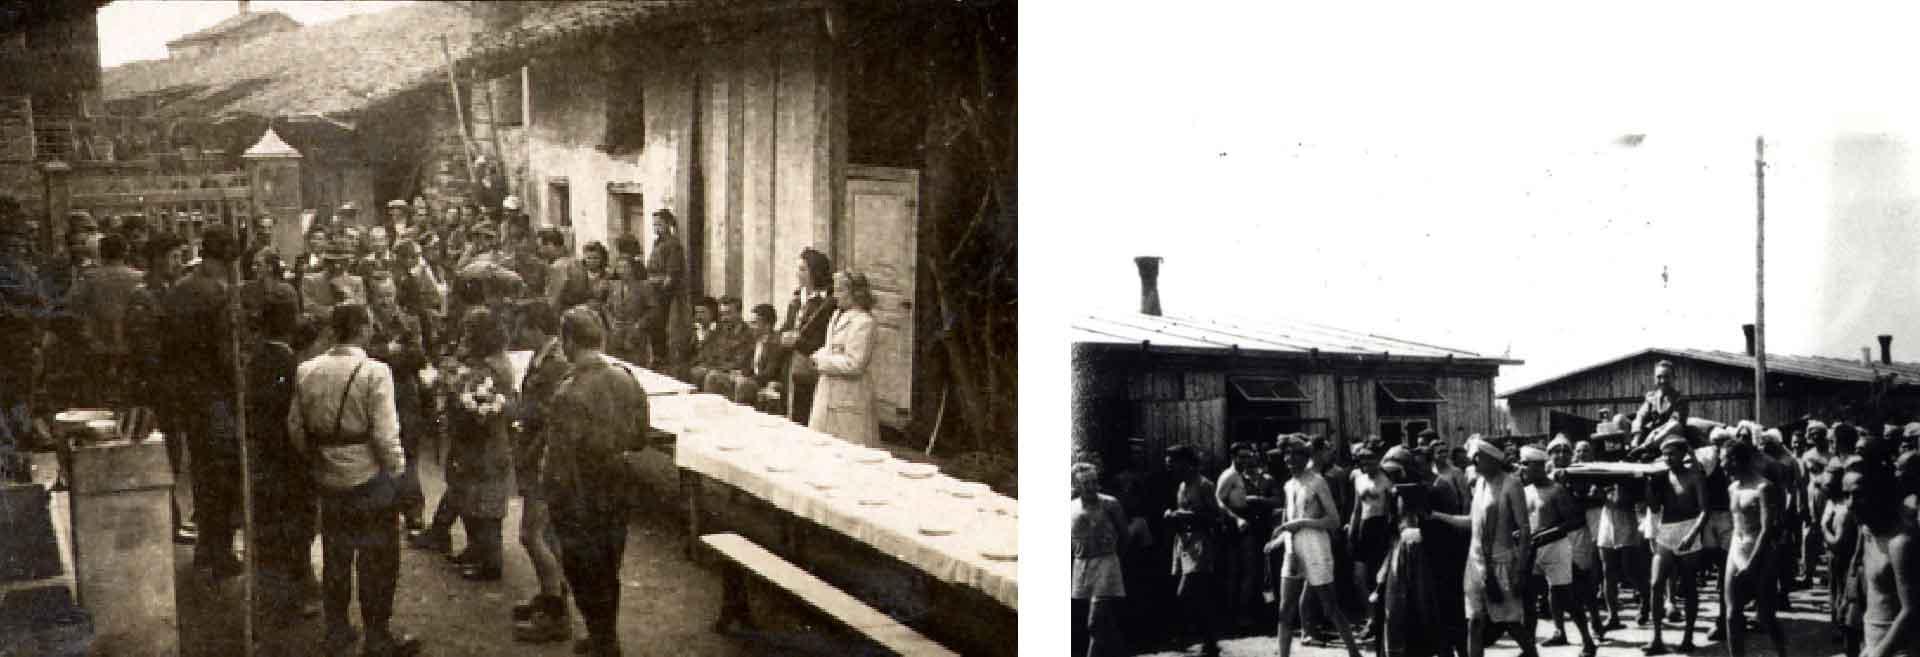 Da sinistra, matrimonio partigiano; a destra, un internato è portato in trionfo dagli altri detenuti dopo essersi ripetutamente rifiutato di lavorare